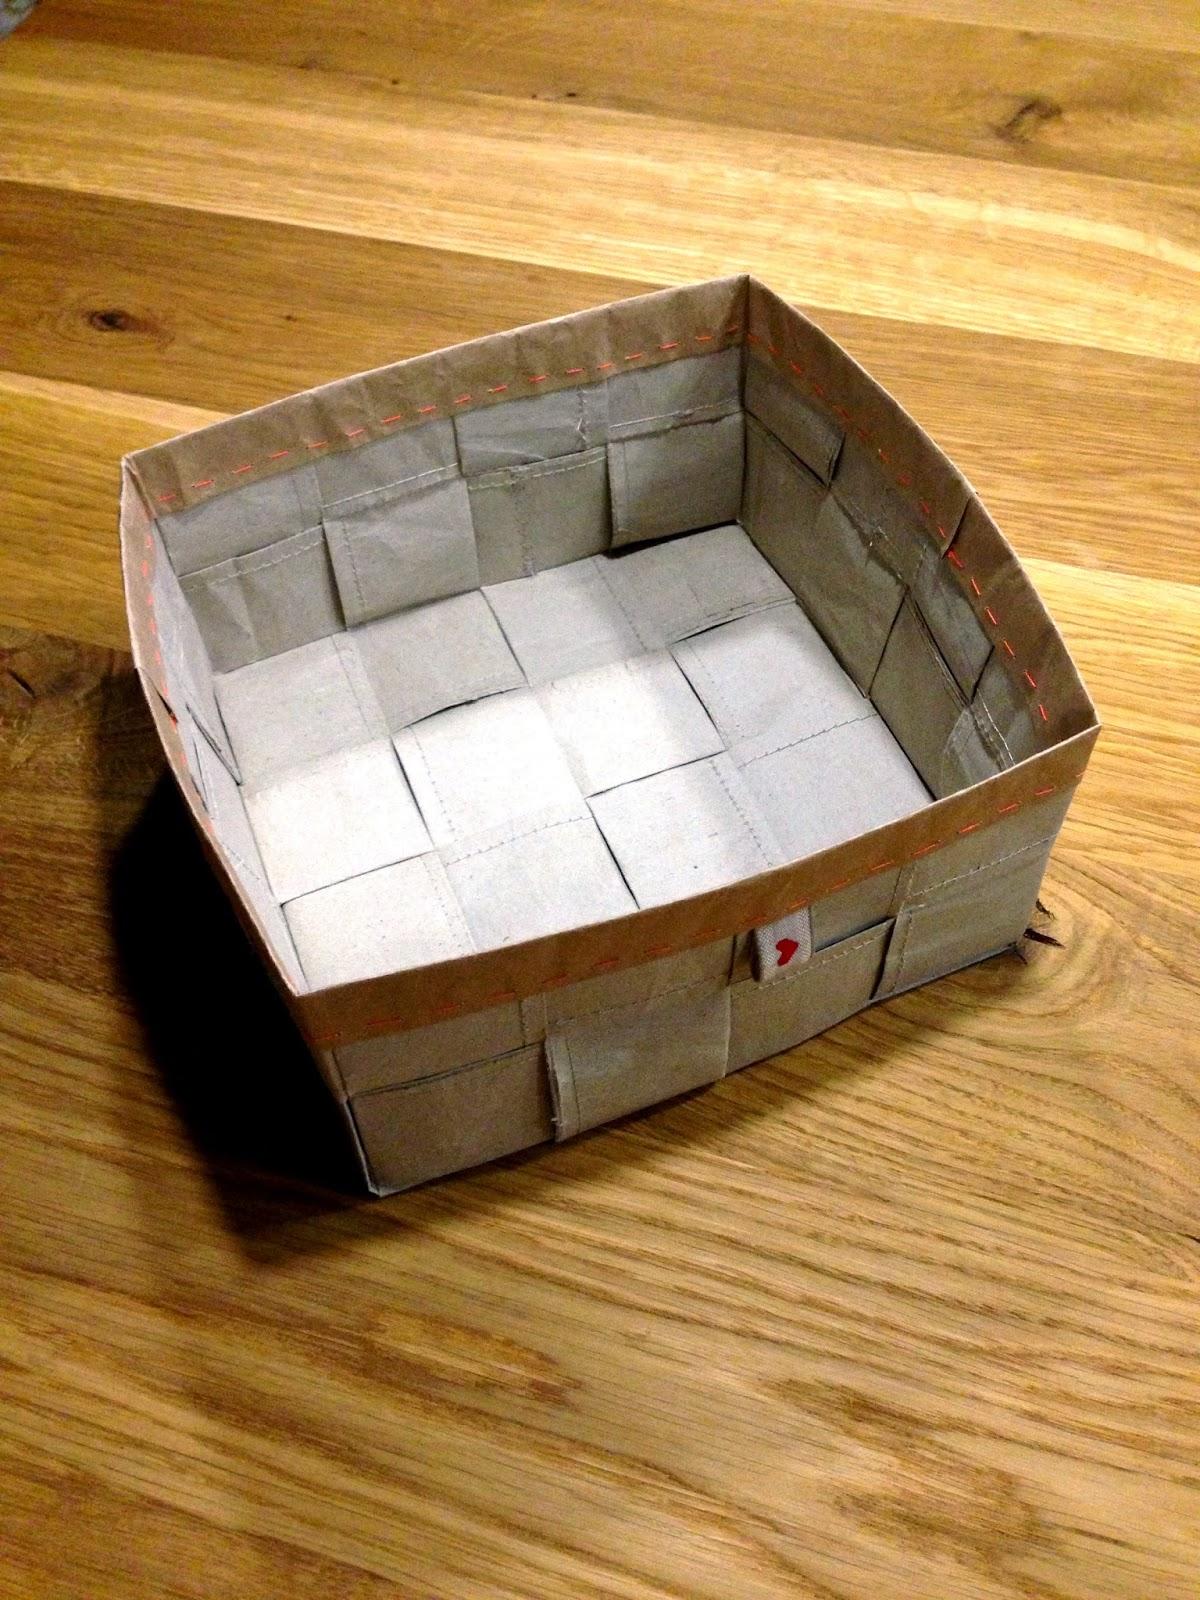 http://muckelfuchs.blogspot.de/2014/11/upcycling-papierbox.html